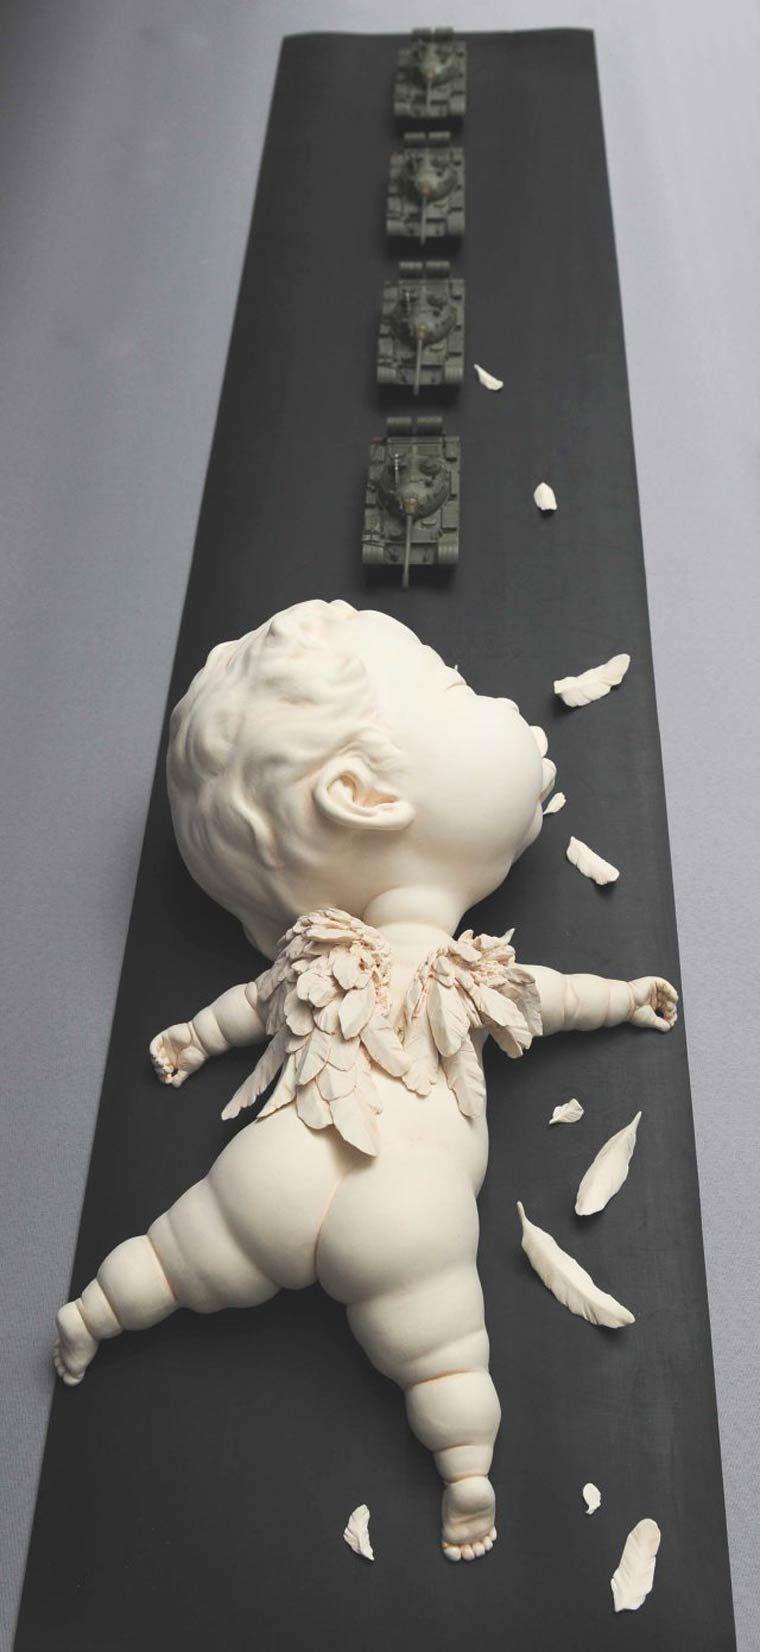 Mi niño interior, una colección creada por el escultor Johnson Tsang